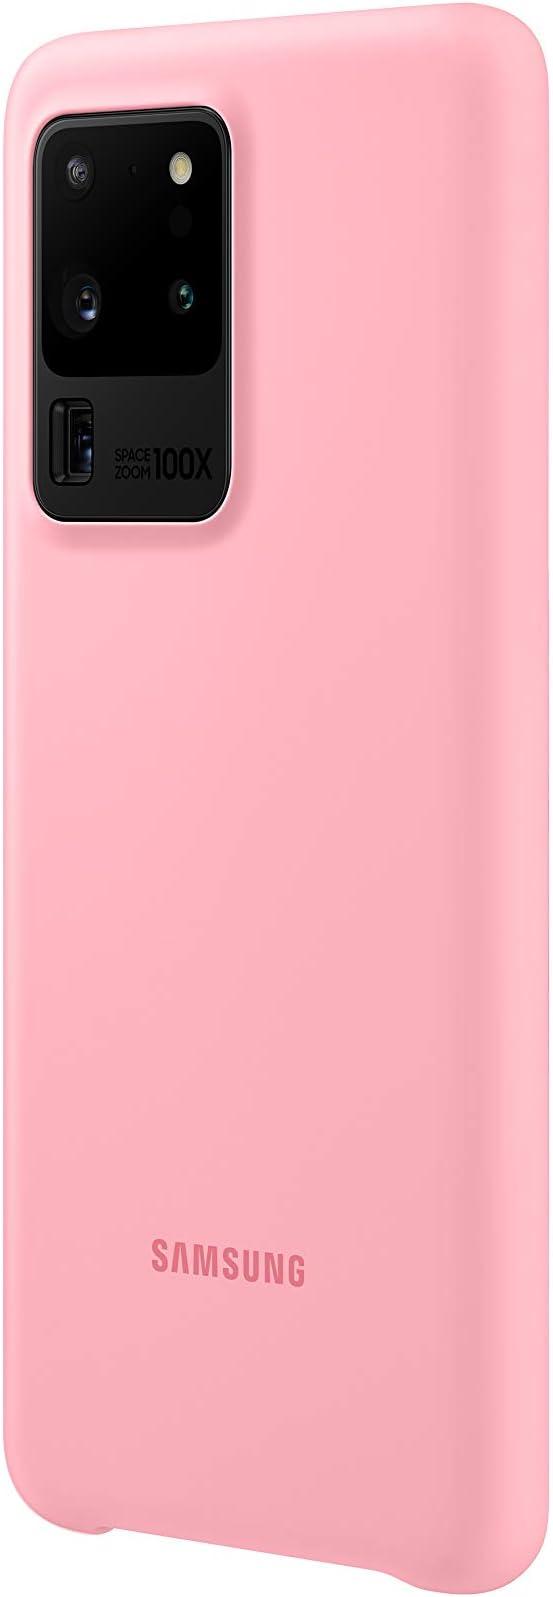 Samsung Silicone Smartphone Cover Ef Pg988 Für Galaxy S20 Ultra Handy Hülle Silikon Schutz Case Stoßfest Dünn Und Griffig Pink Elektronik